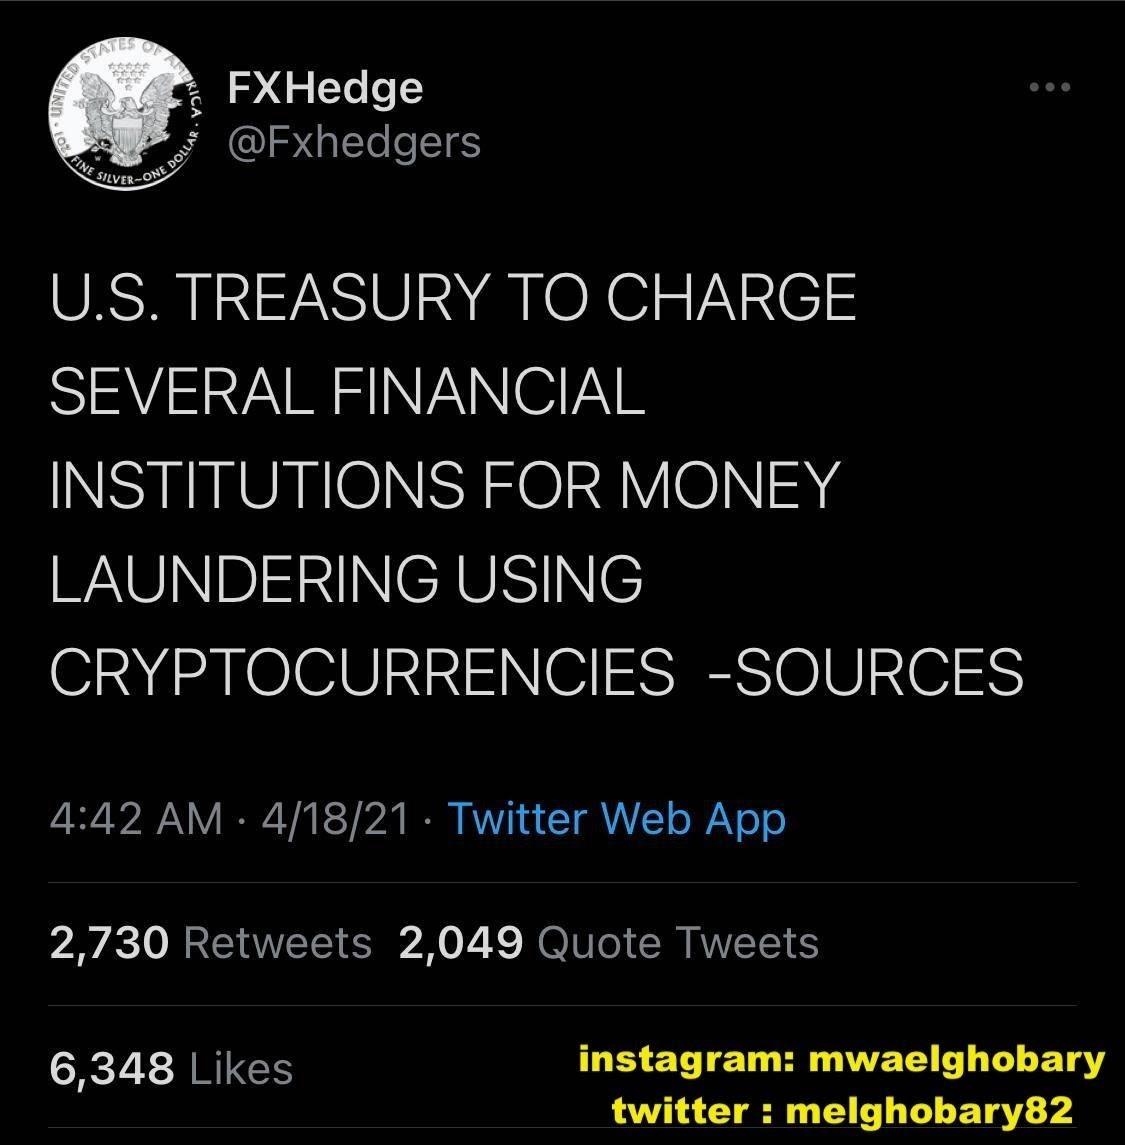 هبوط حاد لسوق العملات المشفرة بسبب تغريدة مجهولة